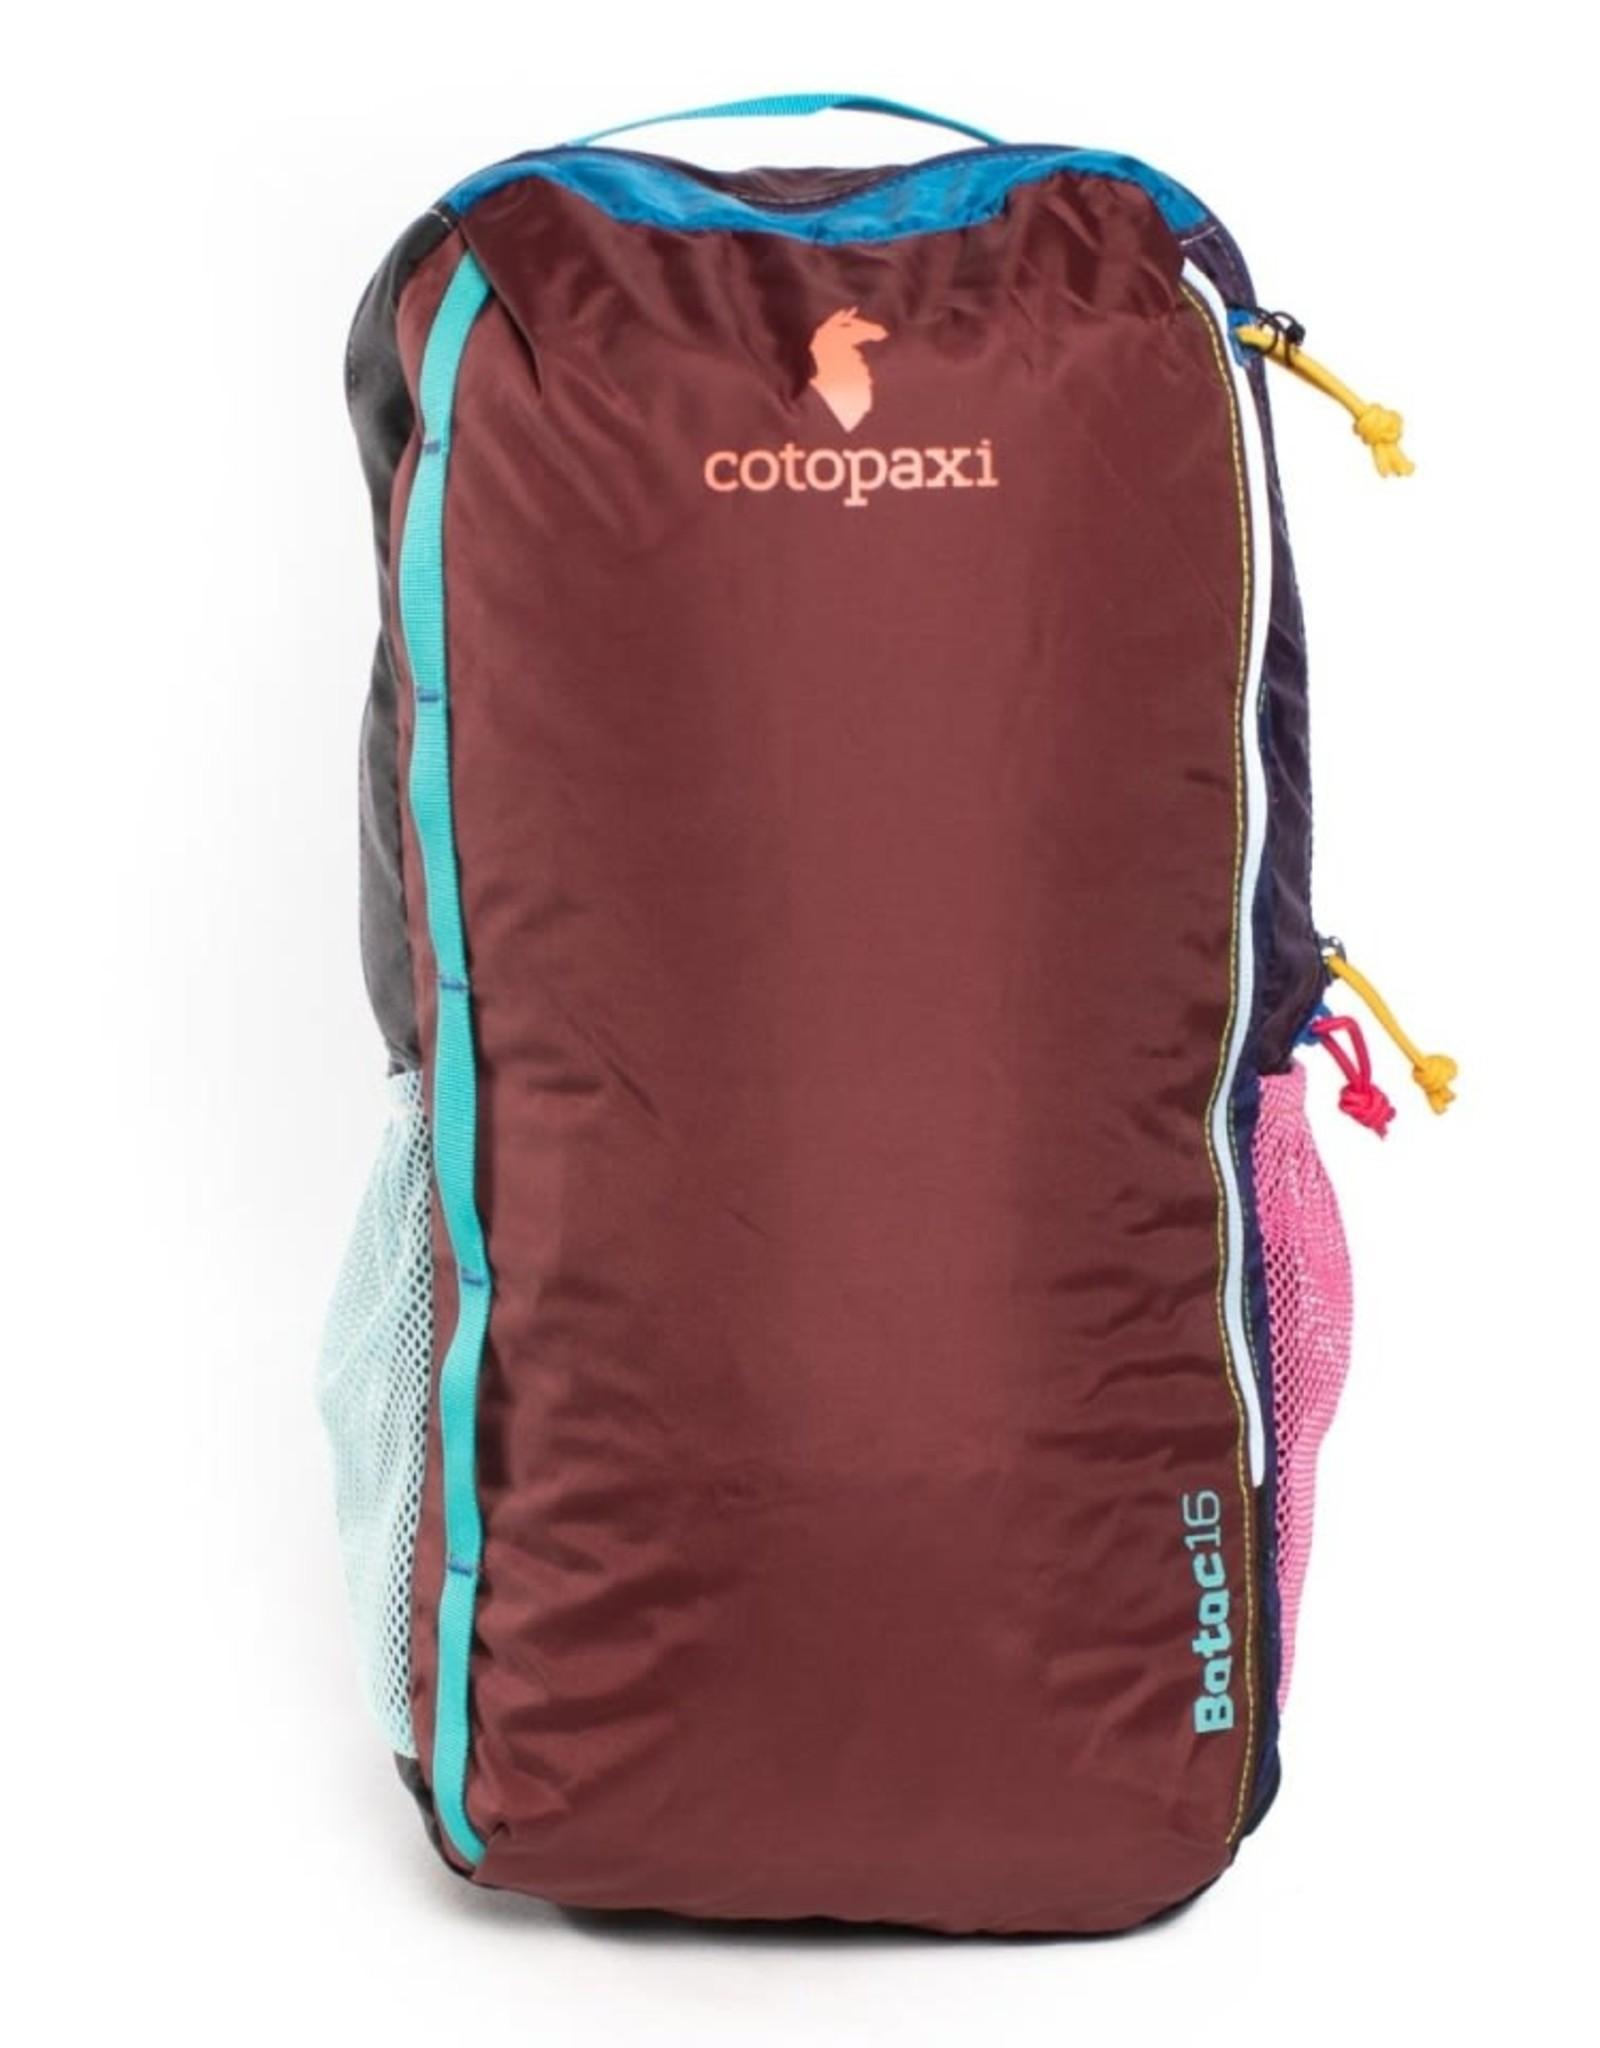 cotopaxi COTOPAXI BATAC 16L BACK PACK-DEL DIA